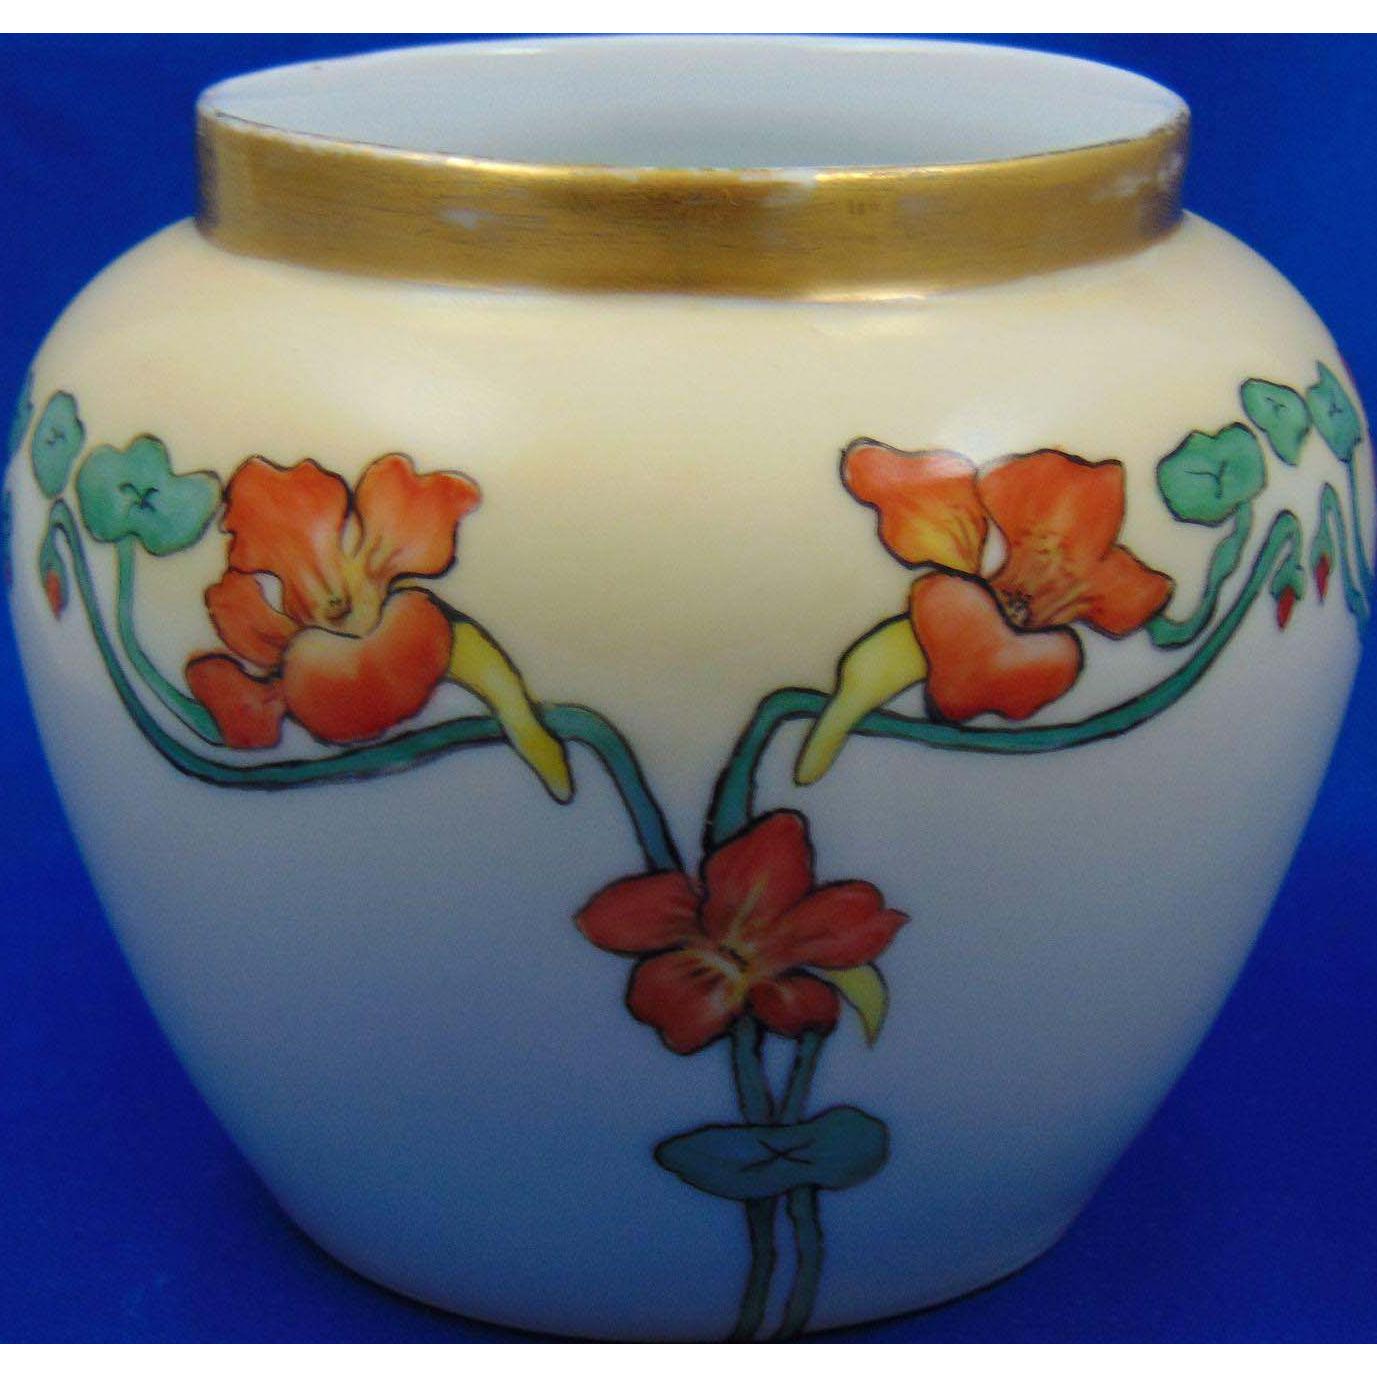 Favorite Bavaria Arts & Crafts Nasturtium Design Vase (c.1905-1930)